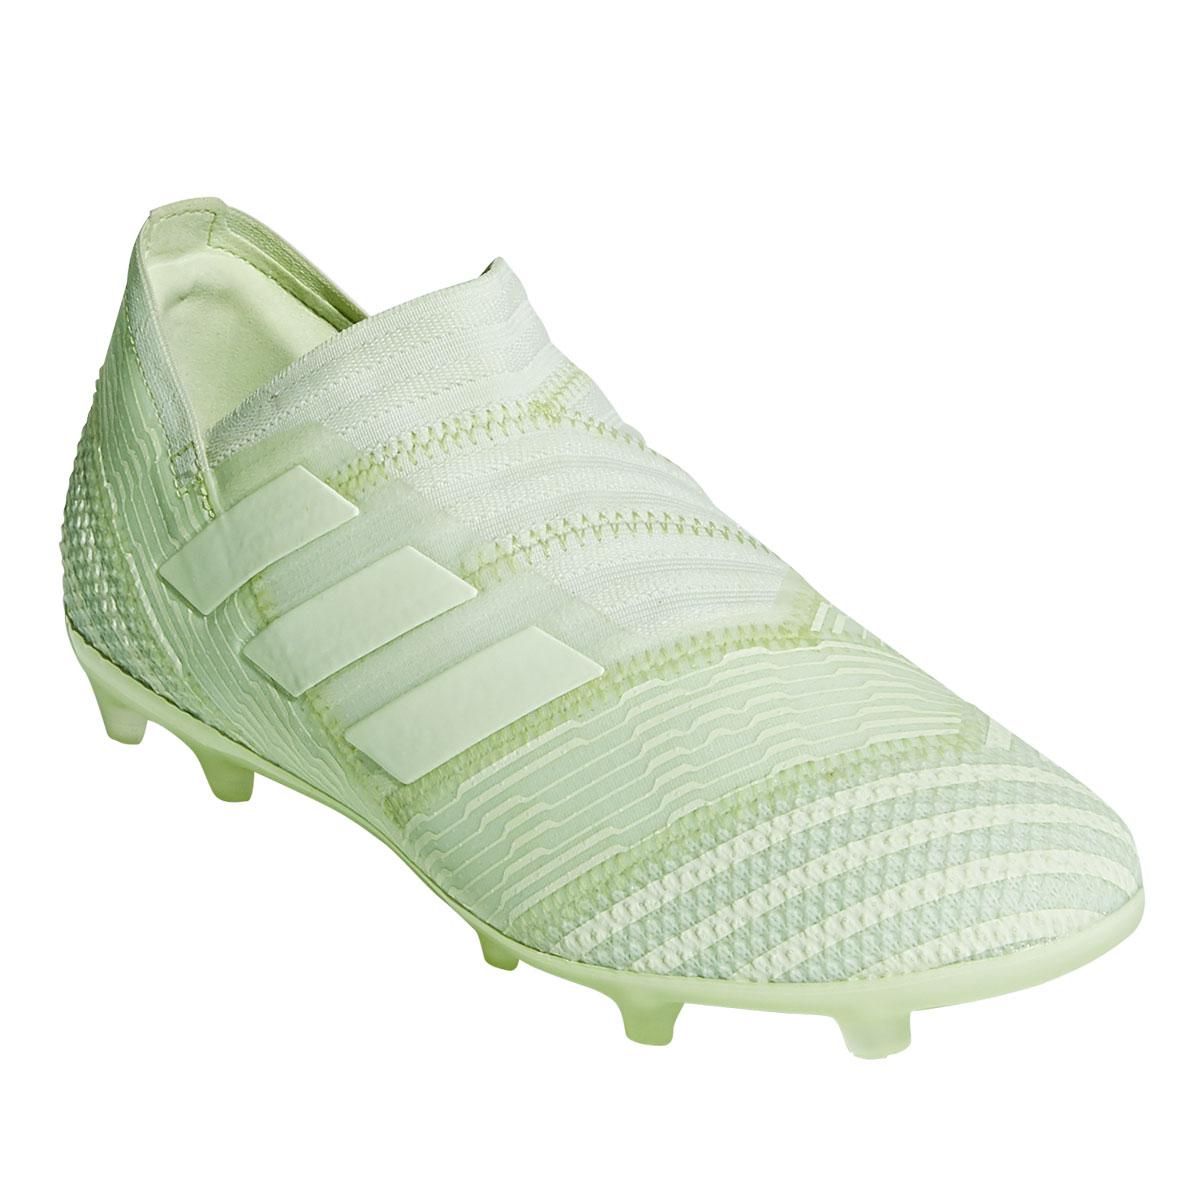 bfc1cdfec0d79e adidas Kinder Fußballschuh Nemeziz 17+ 360 Agility FG J  pastellgrün hellgrün Bild 4